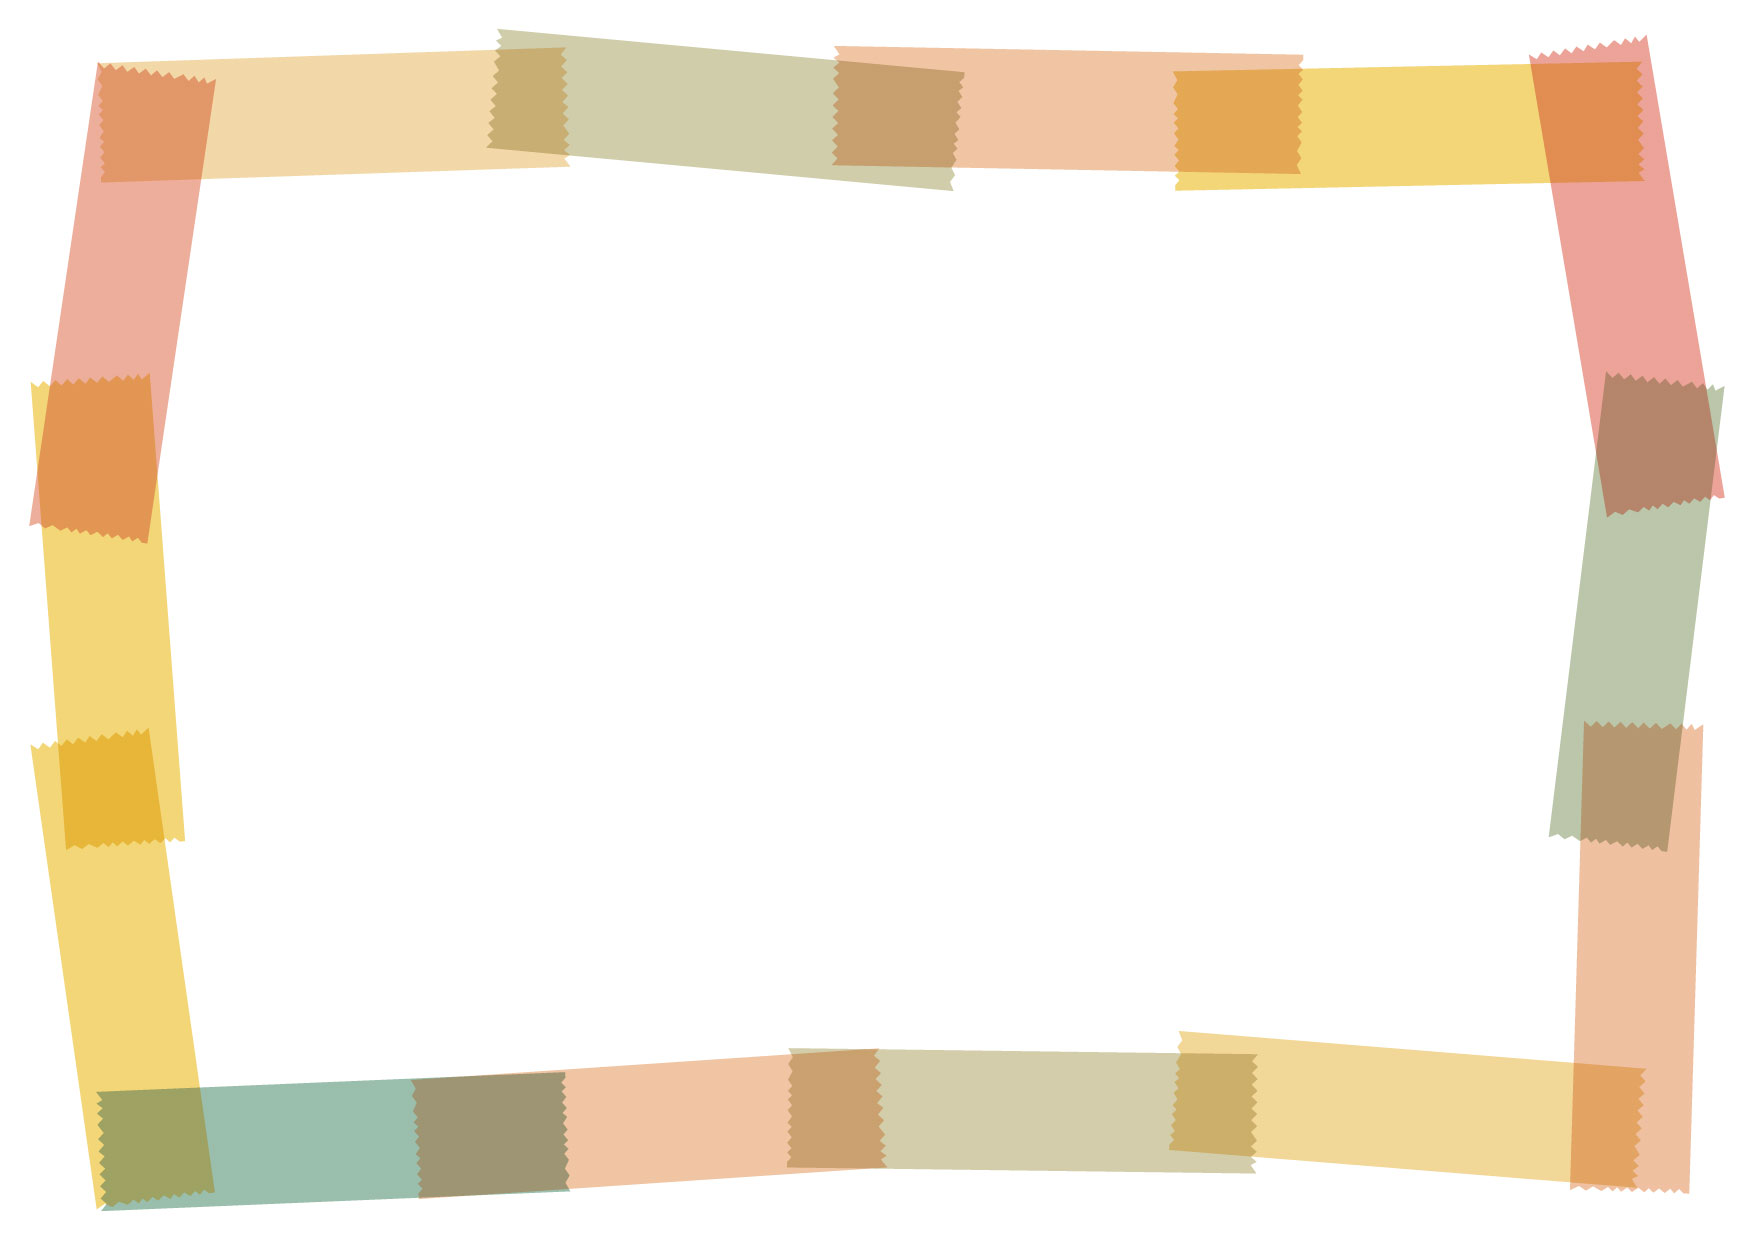 可愛いイラスト無料|マスキングテープ フレーム オレンジ − free illustration Masking tape frame orange